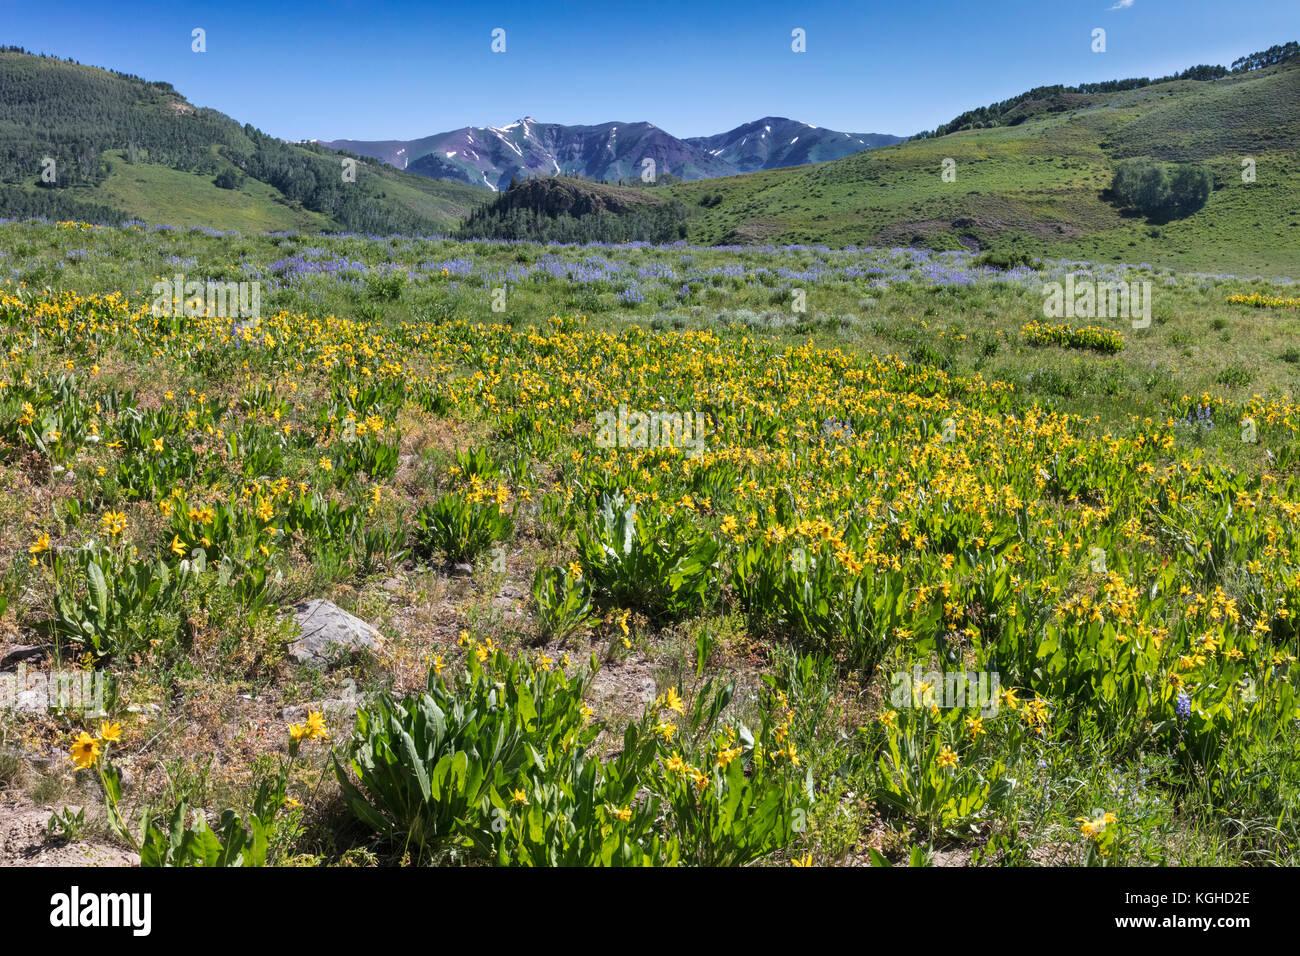 Prato di fiori selvaggi - lupino & mule le orecchie (vicino a Crested Butte, CO) Immagini Stock